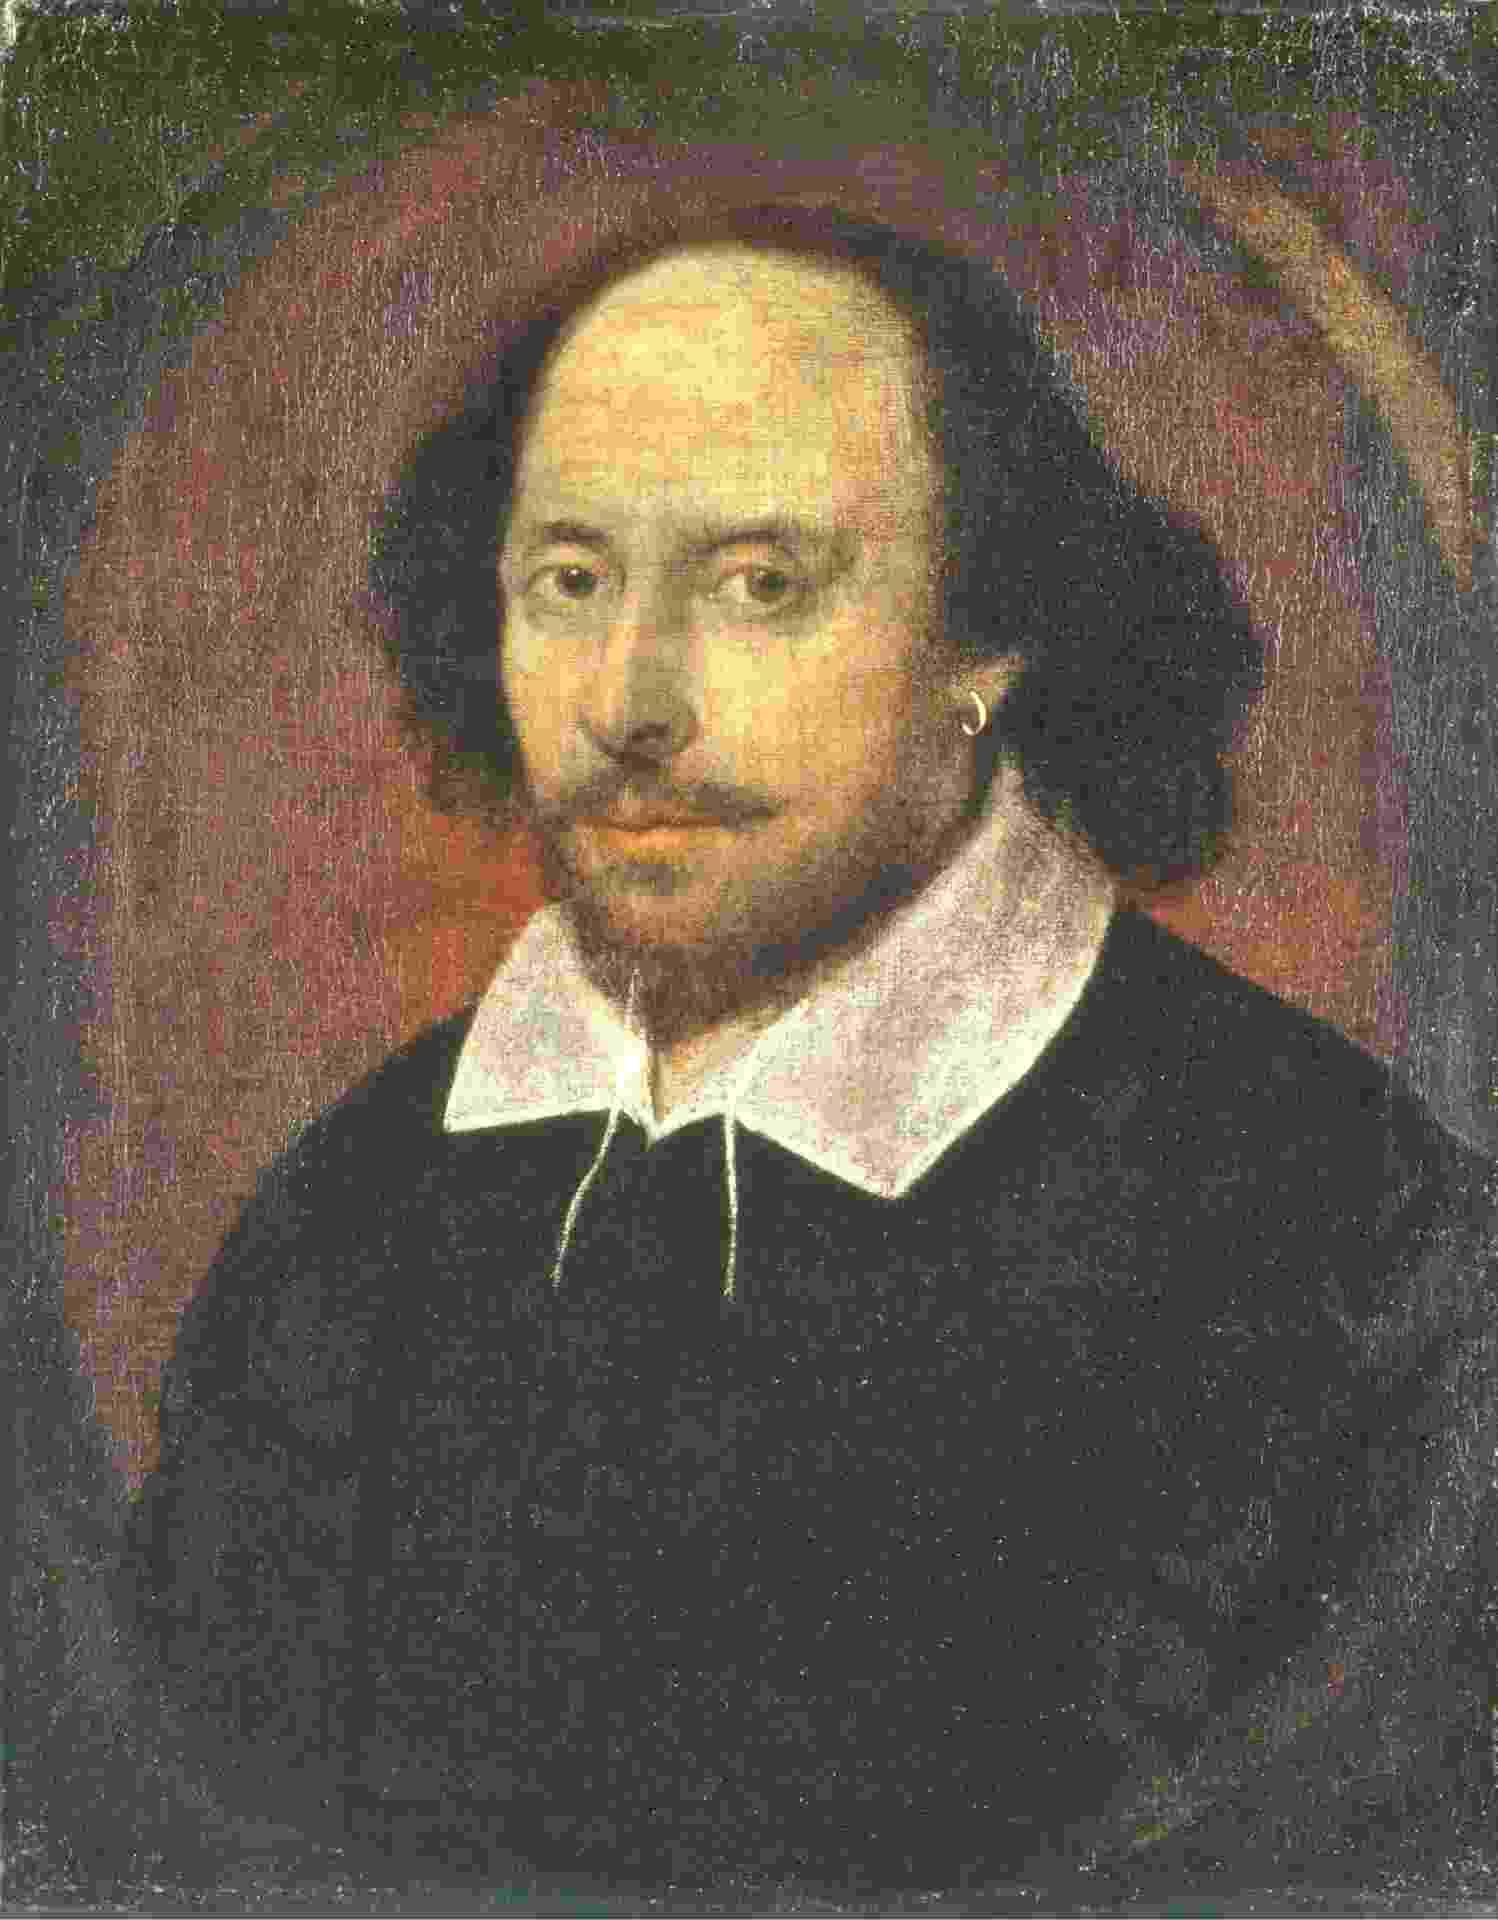 Imagem William Shakespeare - Reprodução